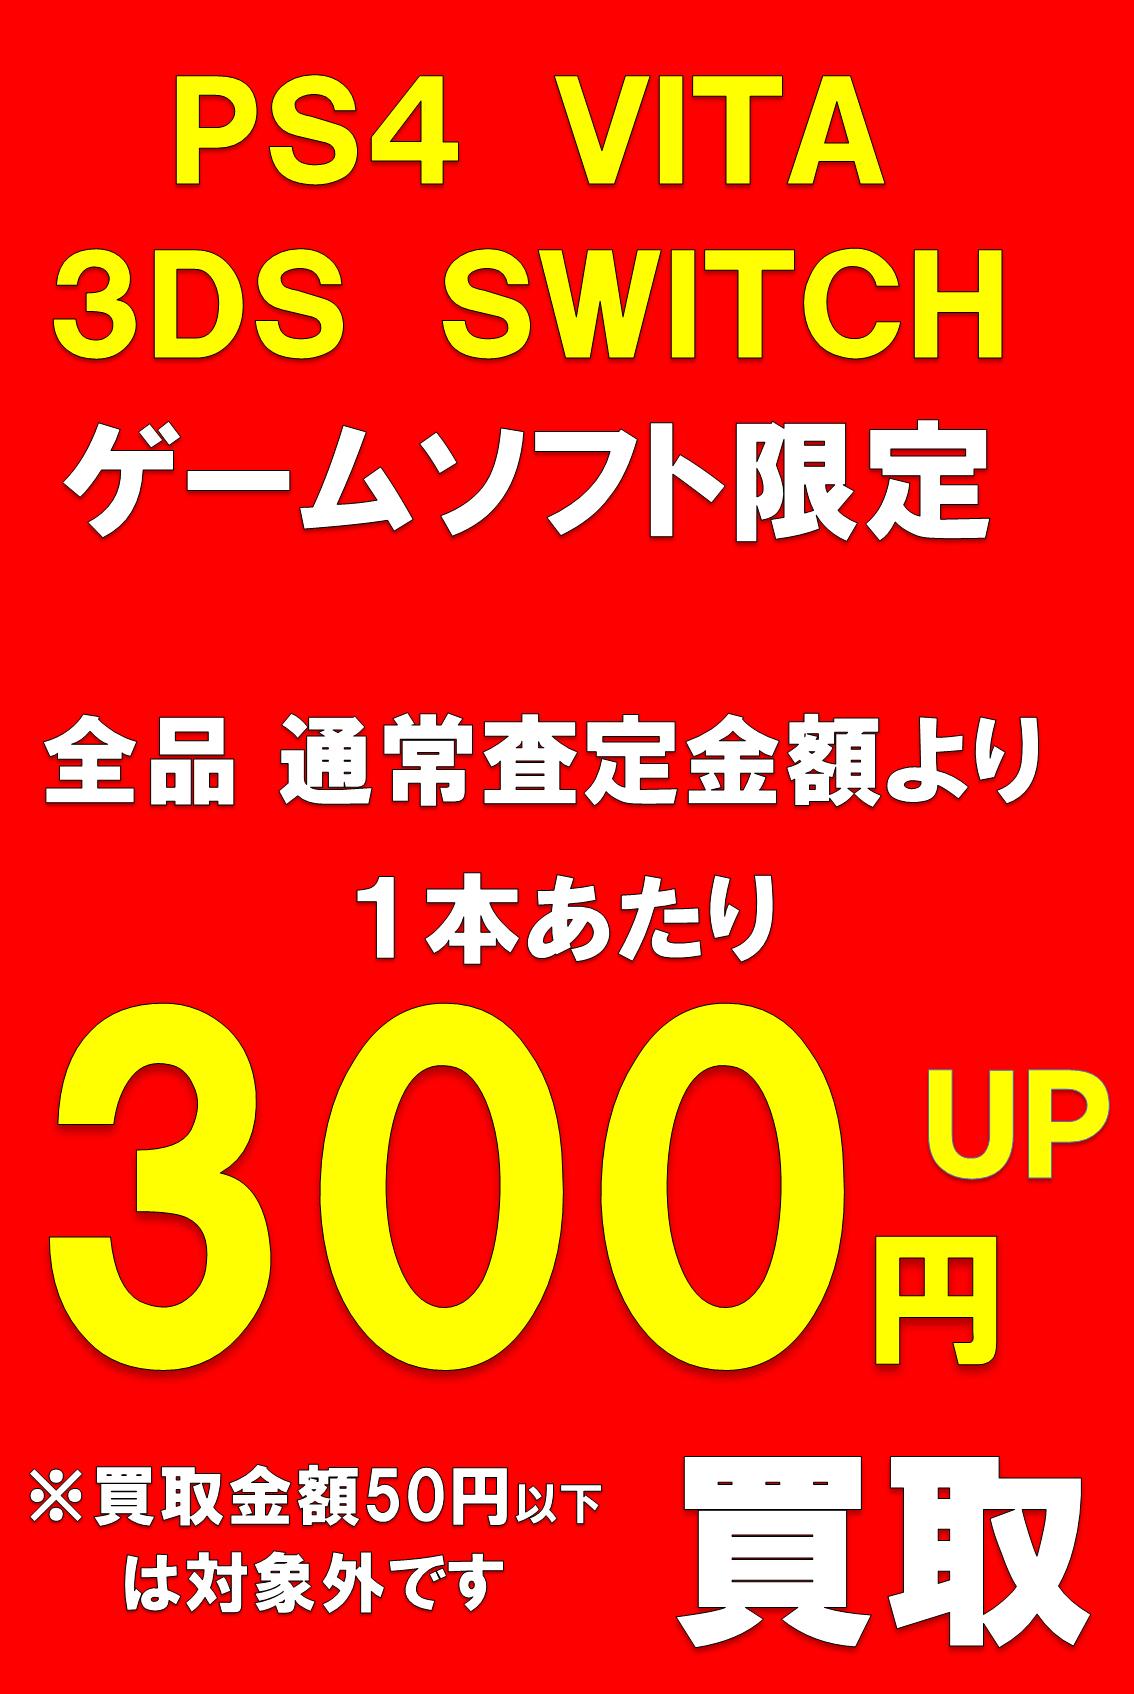 【ブックオフ】ゲームソフトの買取アップキャンペーン開催!